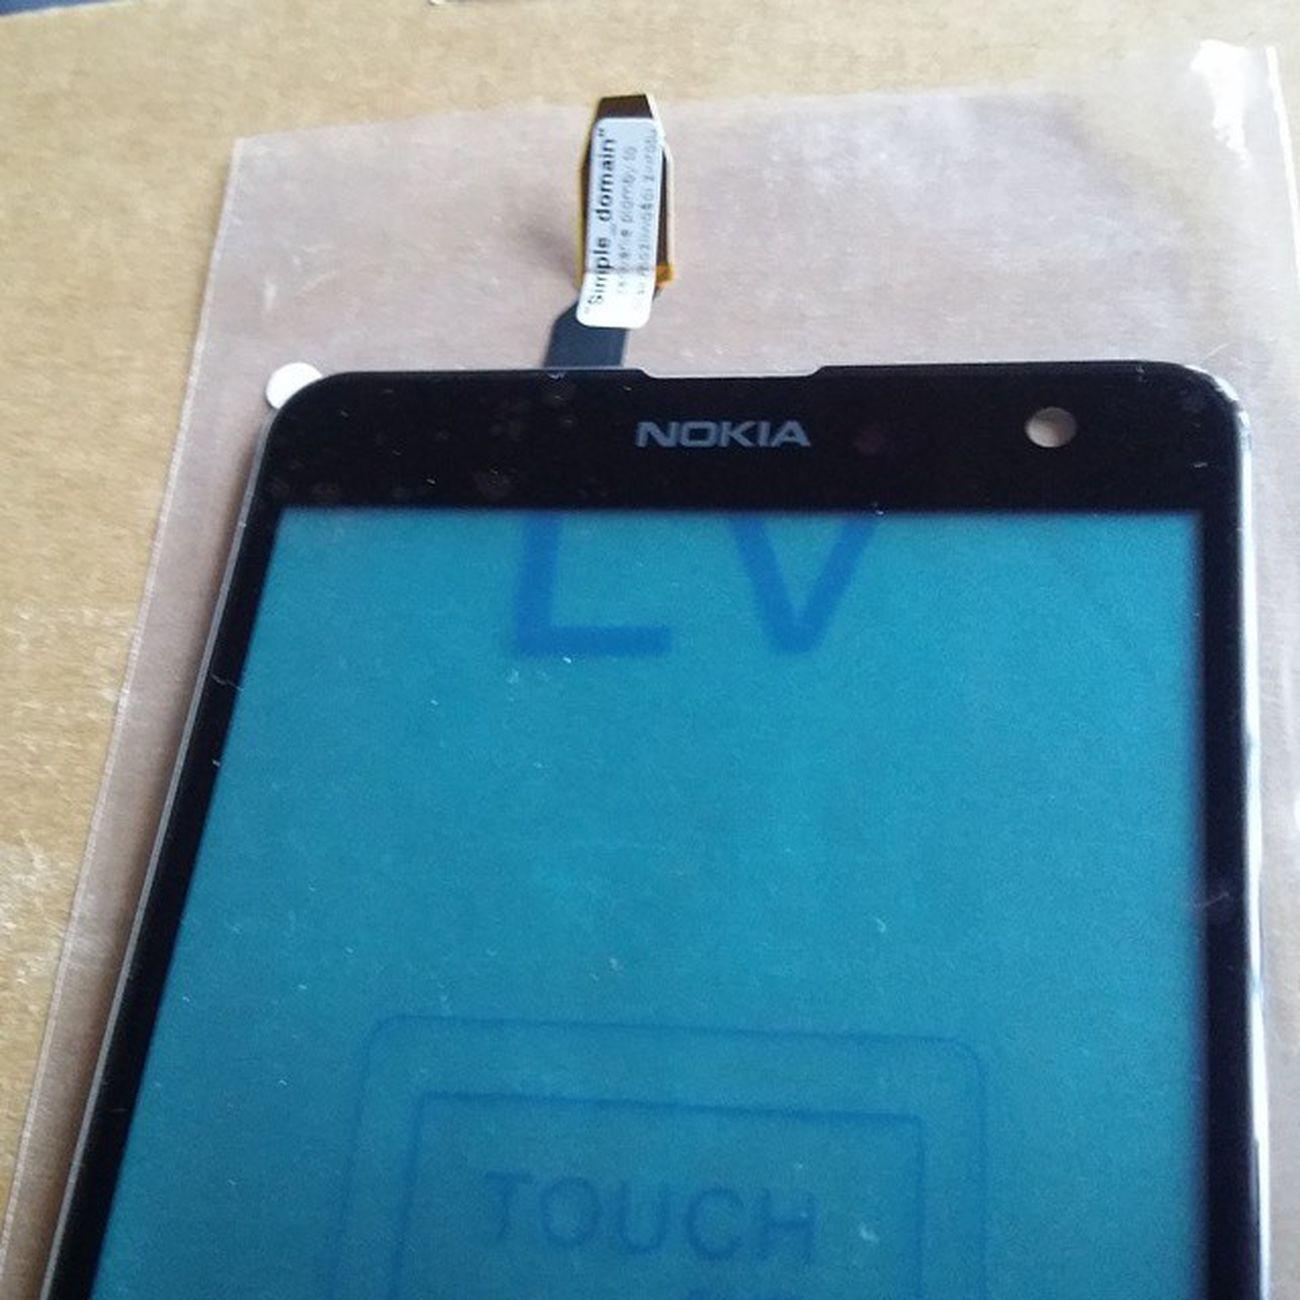 Dawid Serwisant Nokia  Lumia 625 Lumia625 Broken Naprawa Serwis Na Pełnej Kurwie Do Odciny Bosch Proffesional Digitizer Blue Electricity  Windowsphone